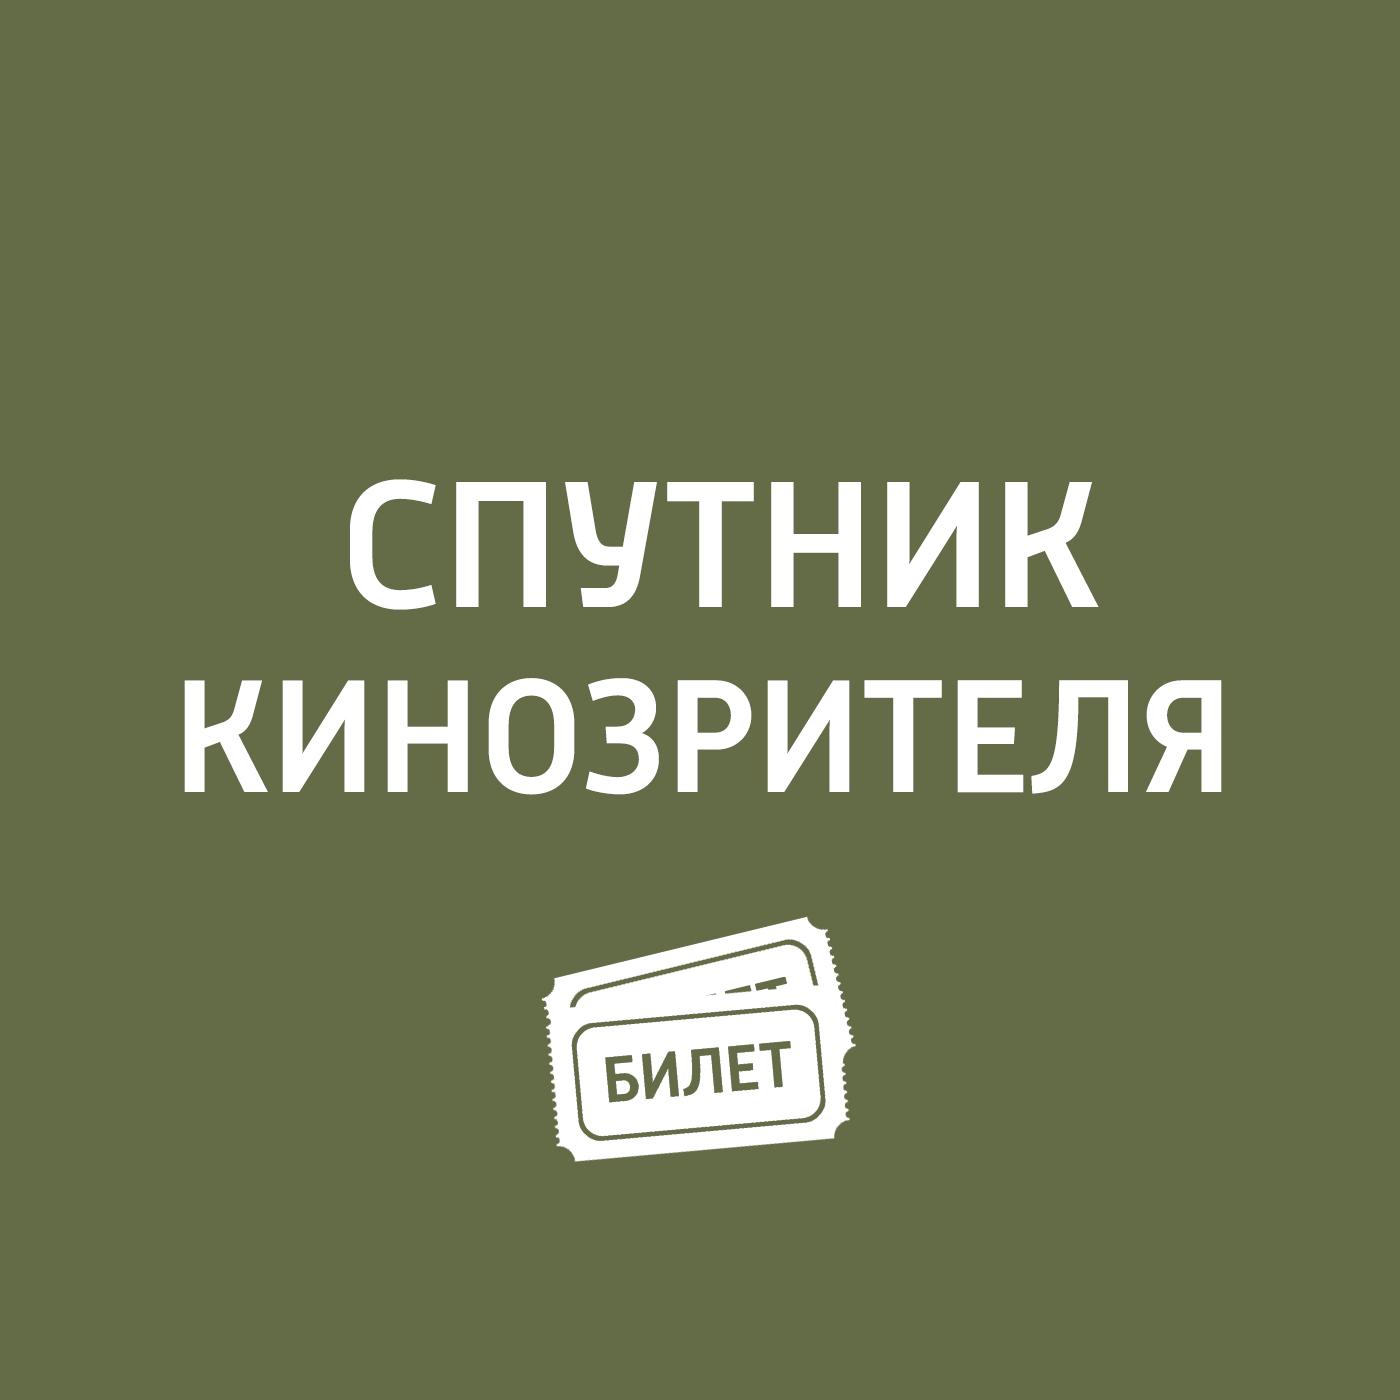 Антон Долин Канны 2017. Антон Долин о корейском фильме «Охча edward dowden robert browning